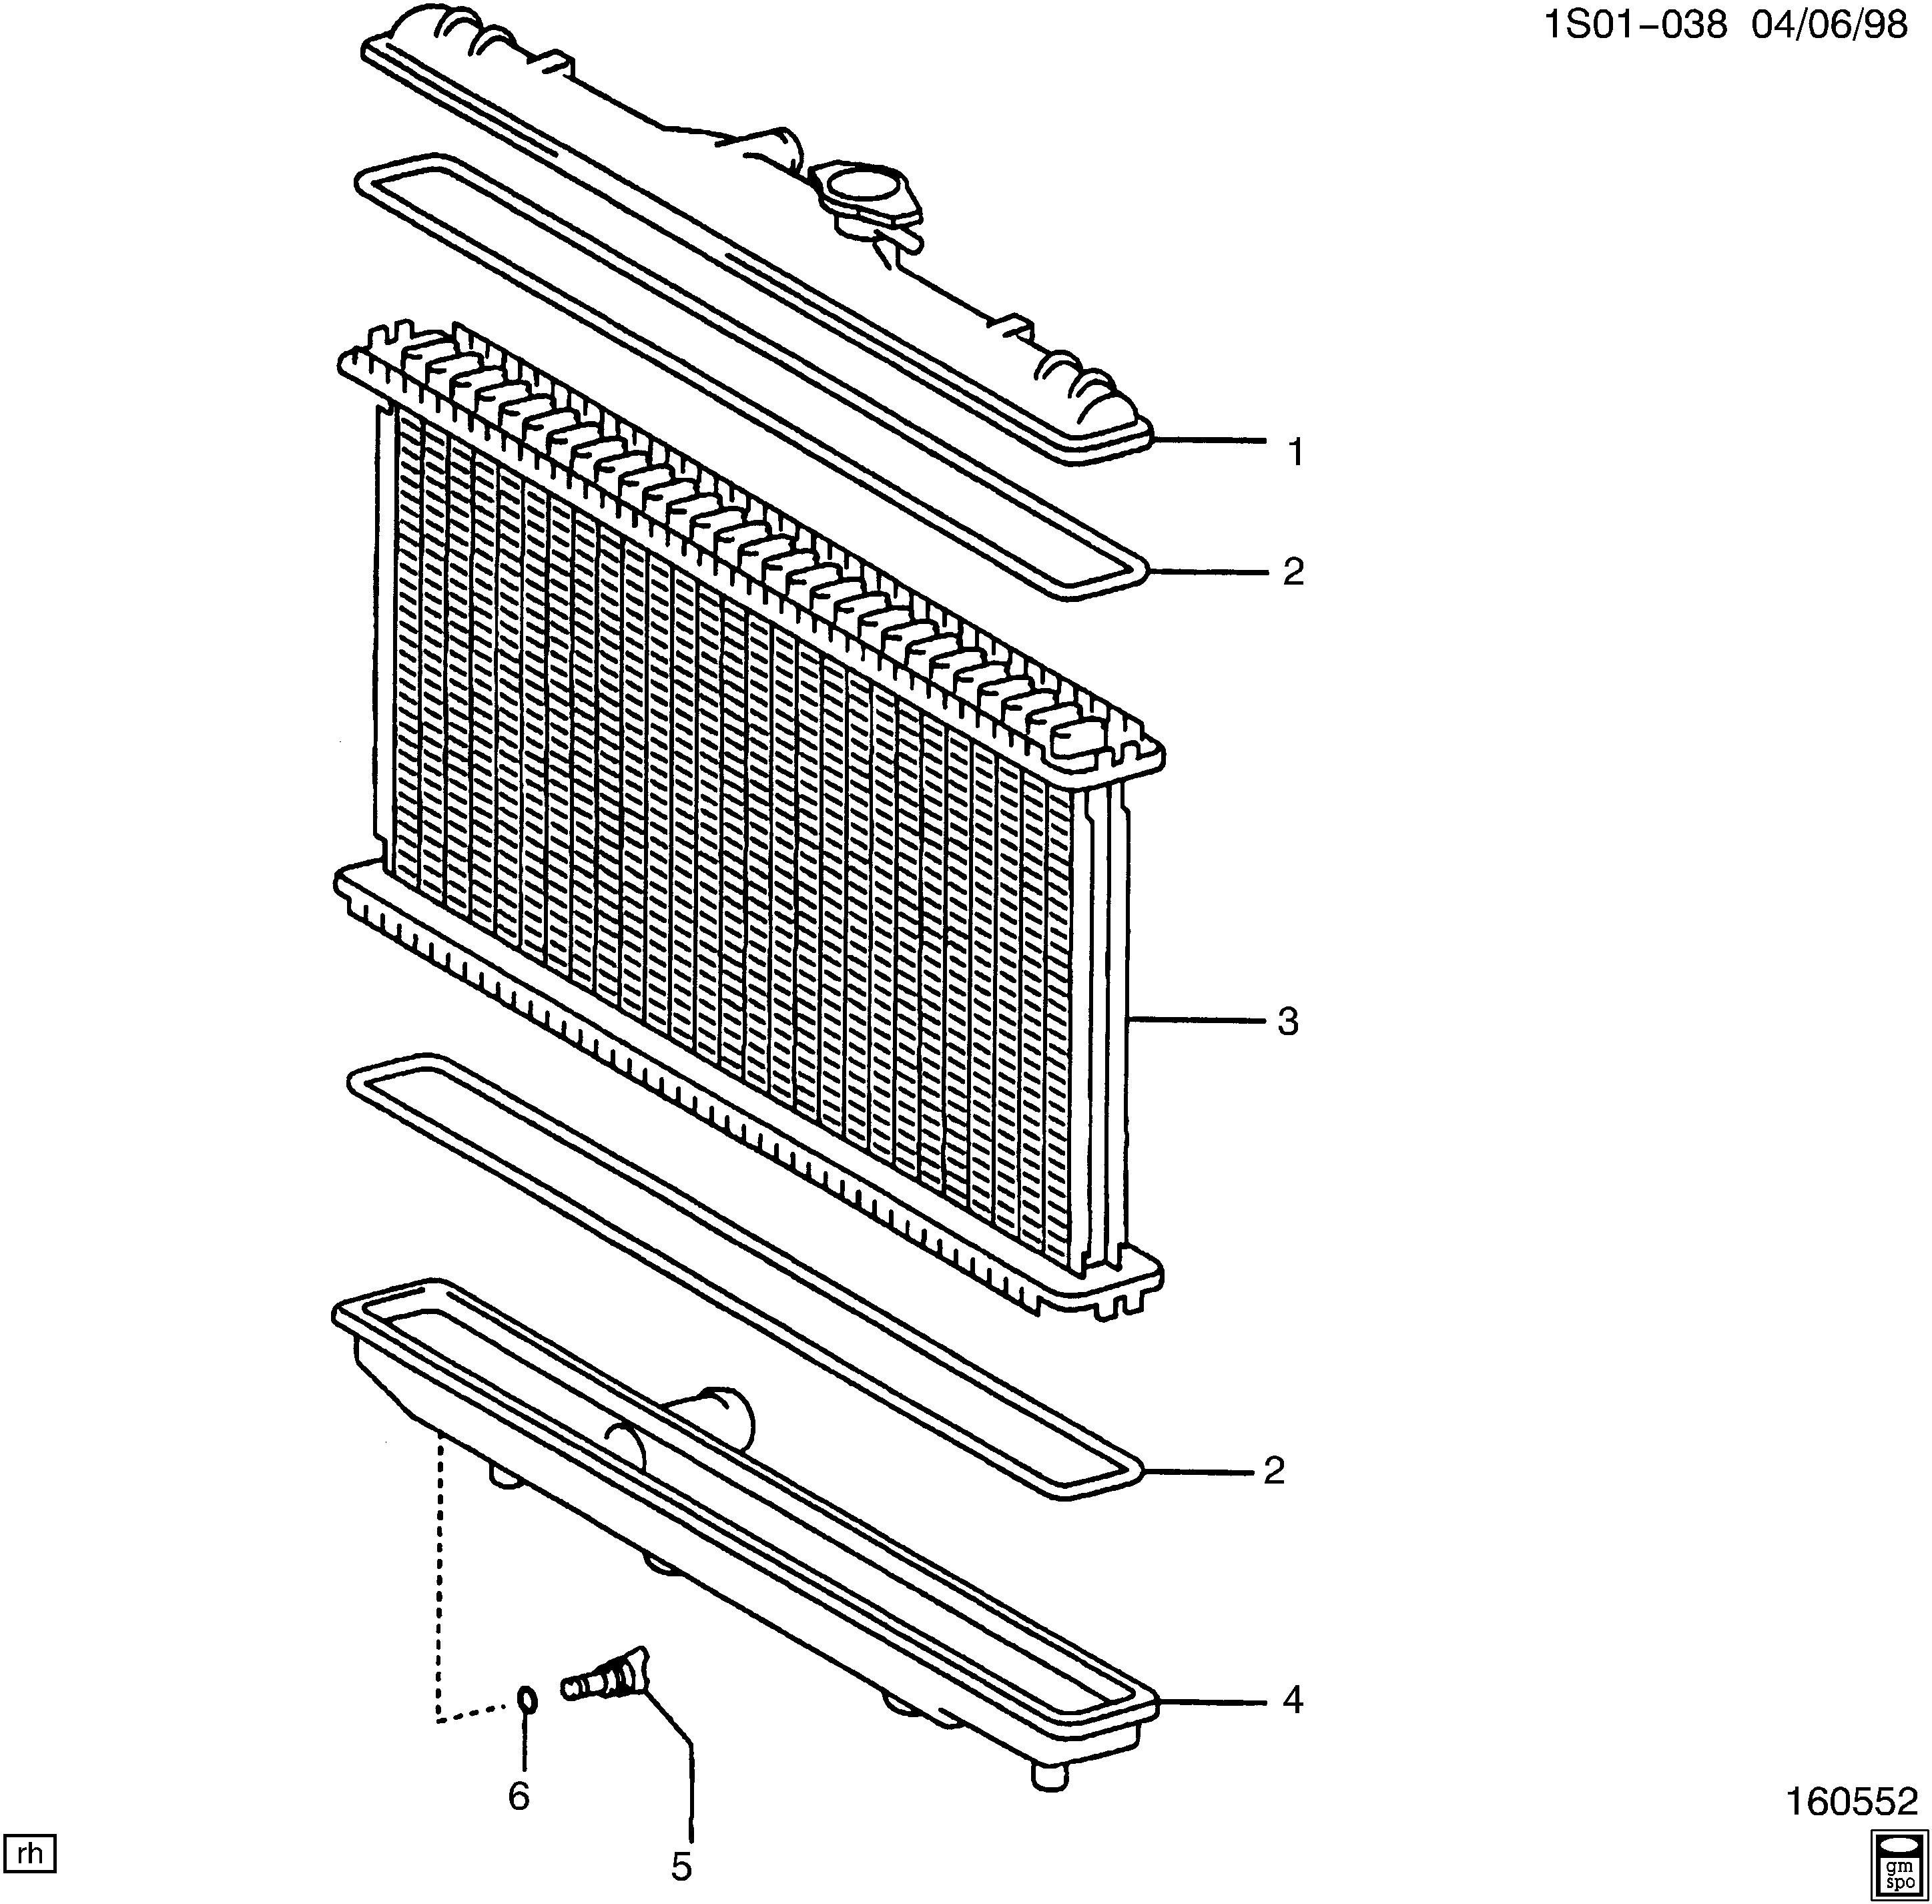 Radiator Parts Diagram Geo Prizm Radiator Details Chevrolet Epc Line Nemiga Of Radiator Parts Diagram